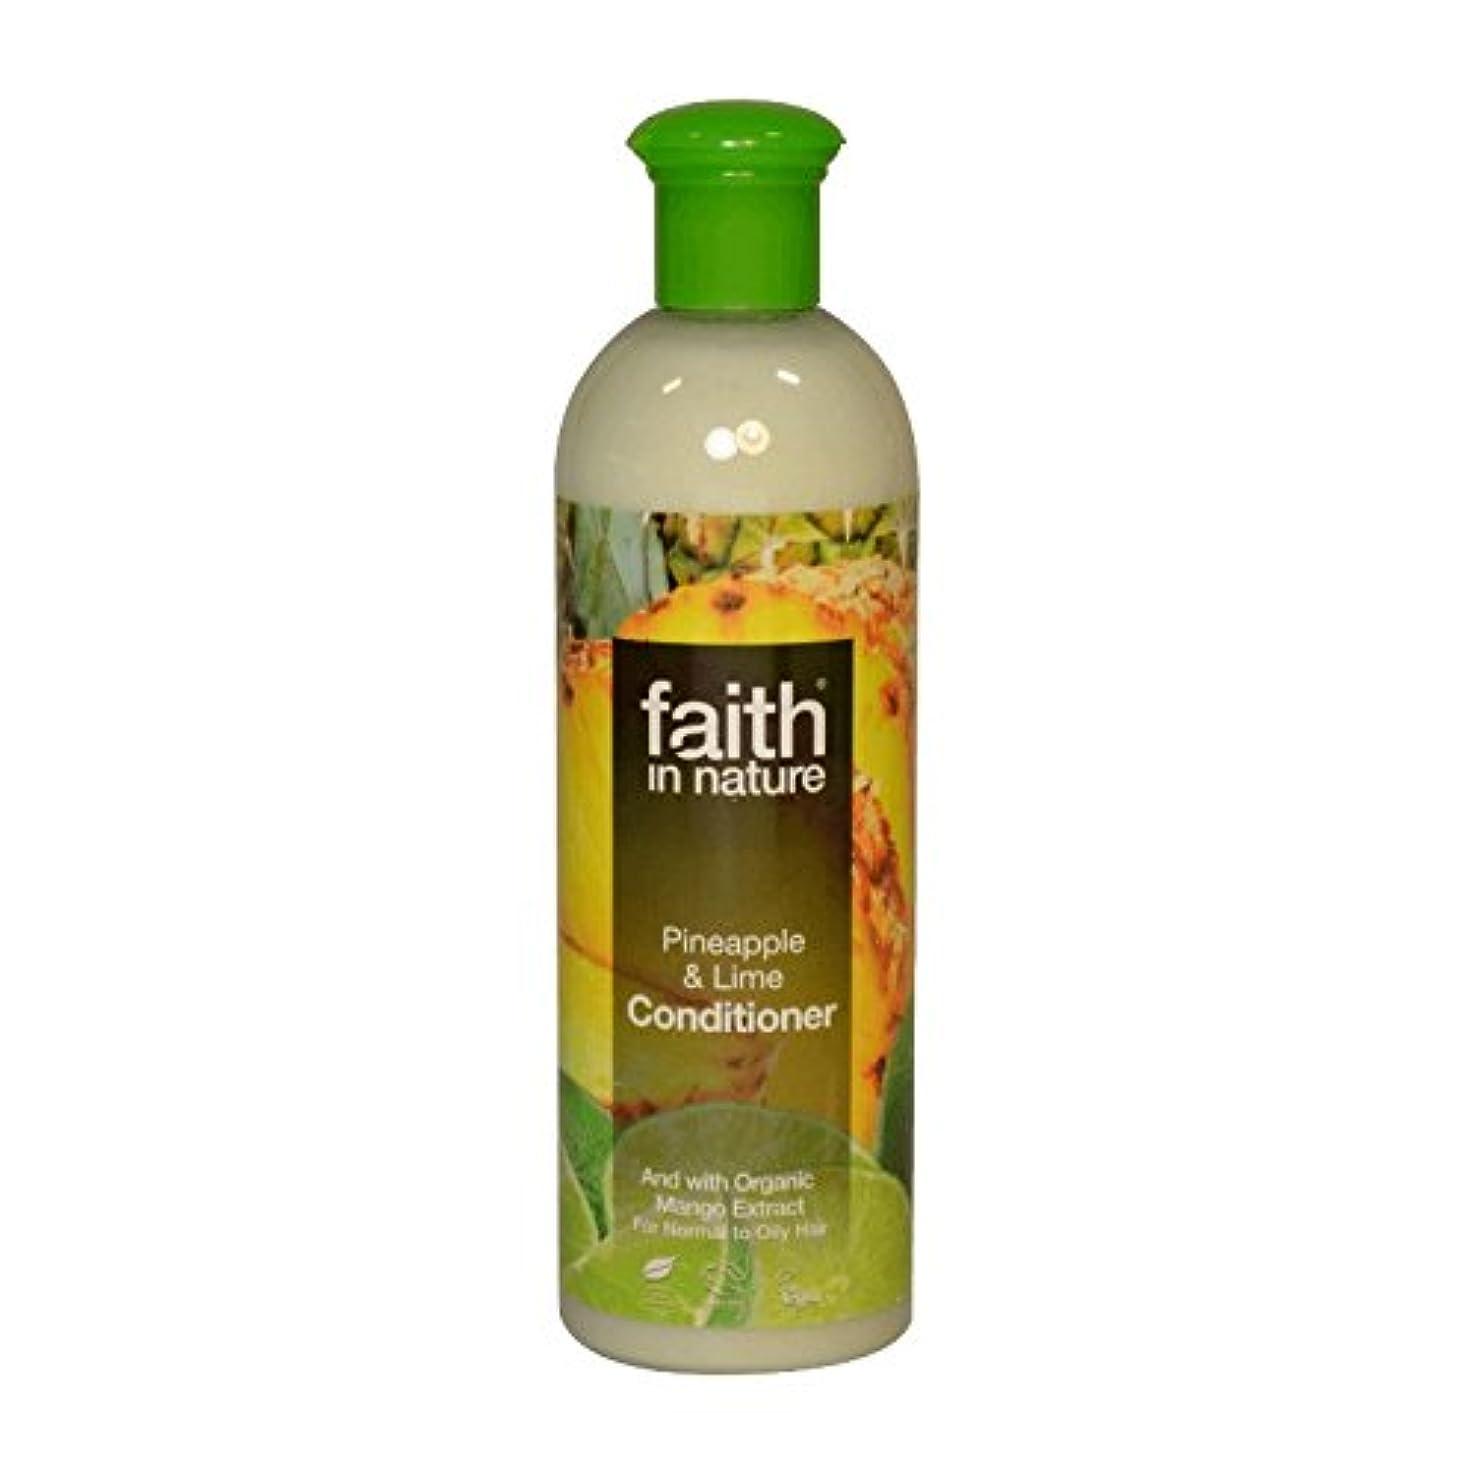 脱臼するコントロールマッサージ自然パイナップル&ライムコンディショナー400ミリリットルの信仰 - Faith in Nature Pineapple & Lime Conditioner 400ml (Faith in Nature) [並行輸入品]